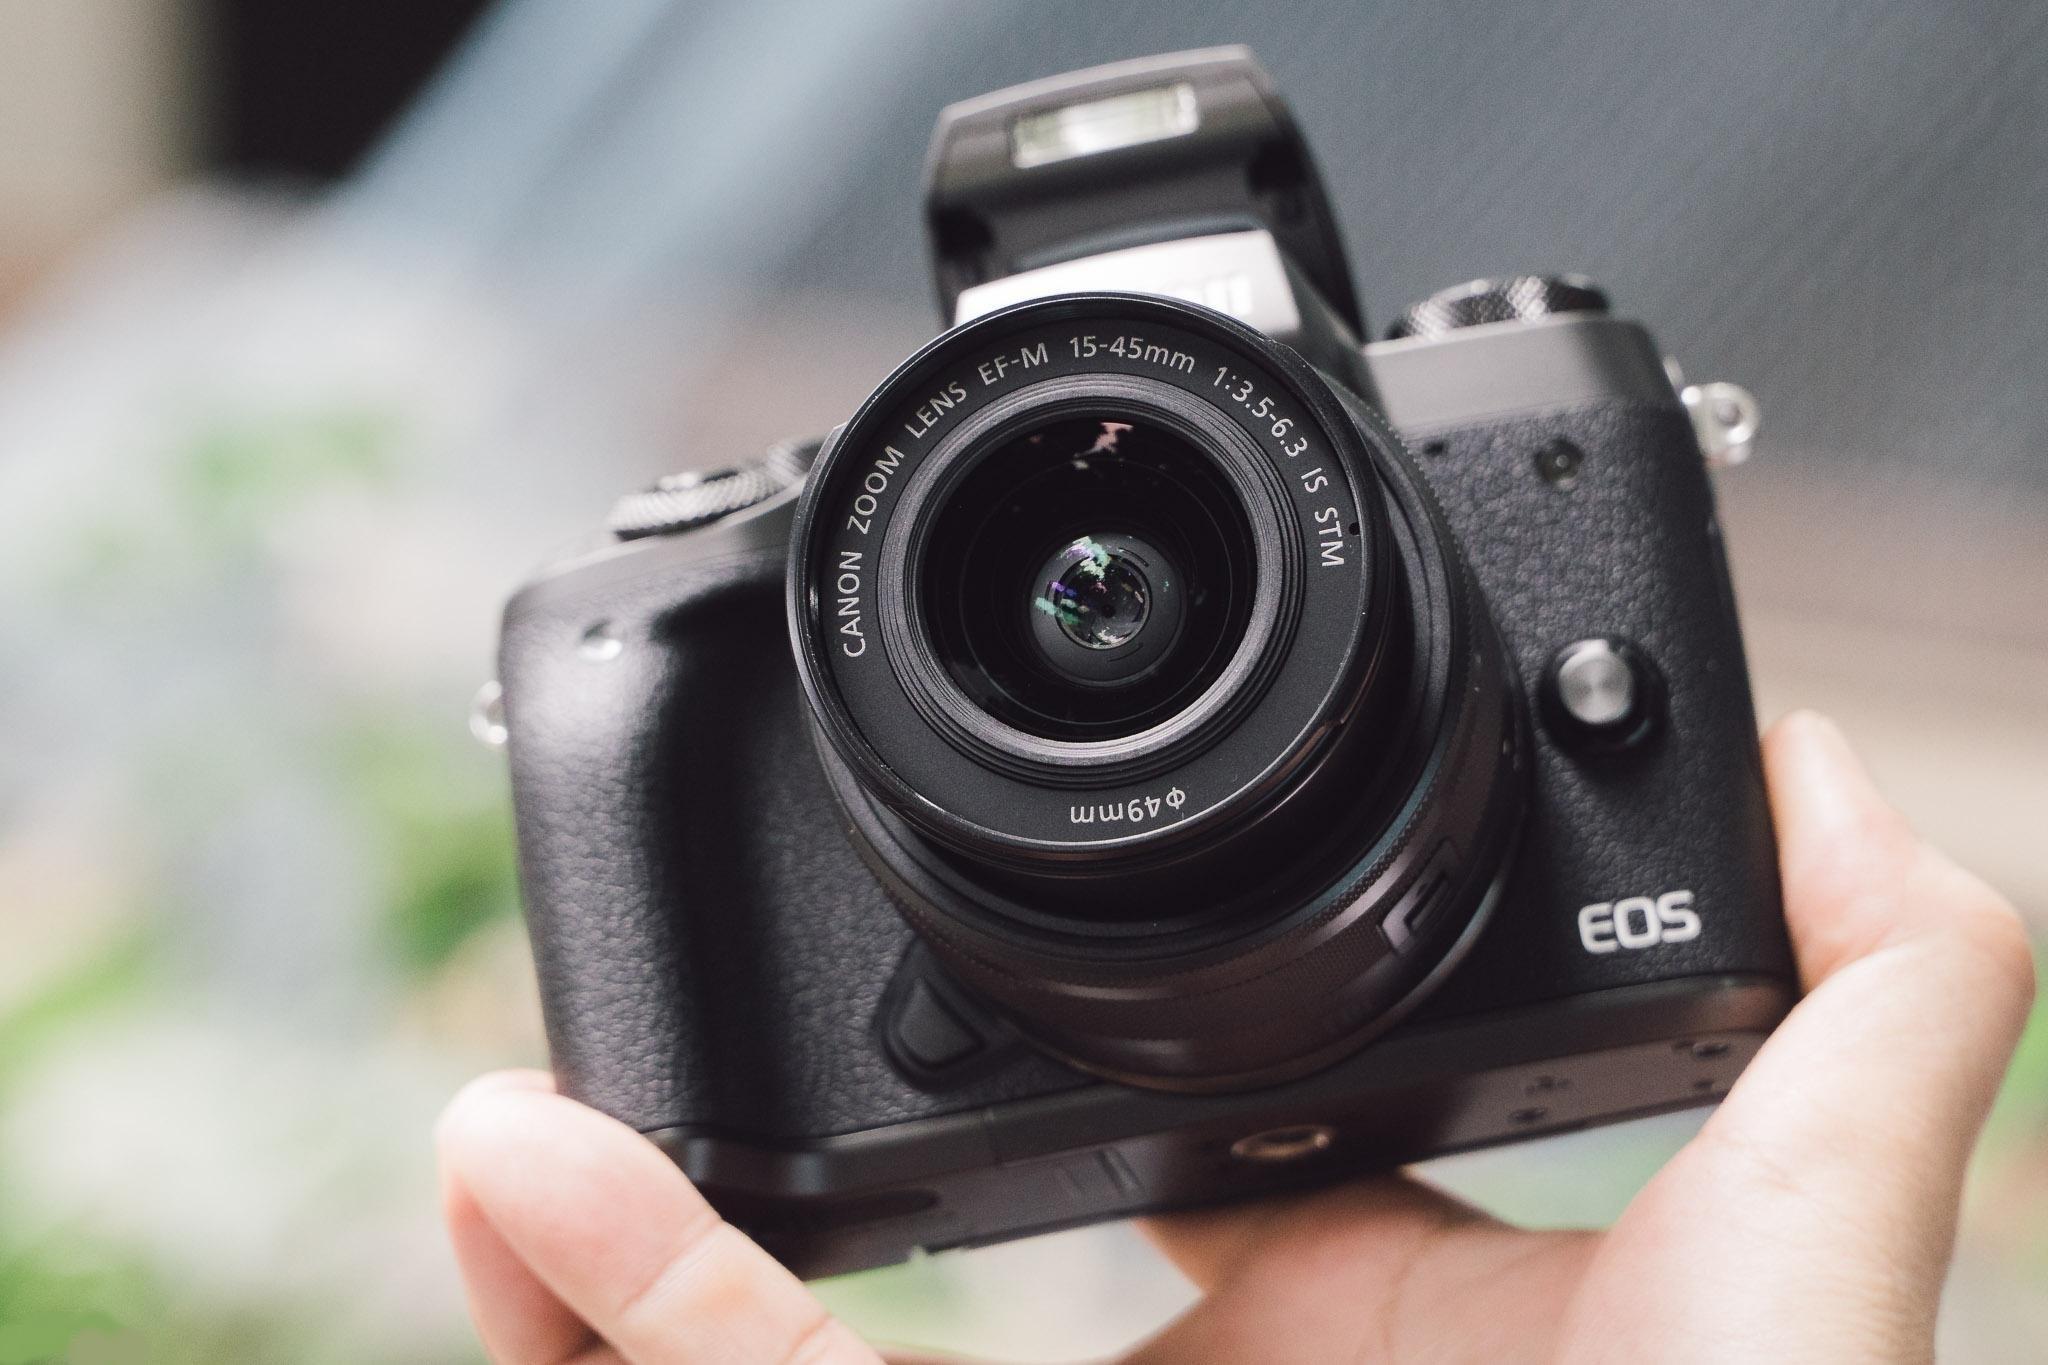 Được xem là bước tiến lớn của hãng máy ảnh nổi tiếng Canon